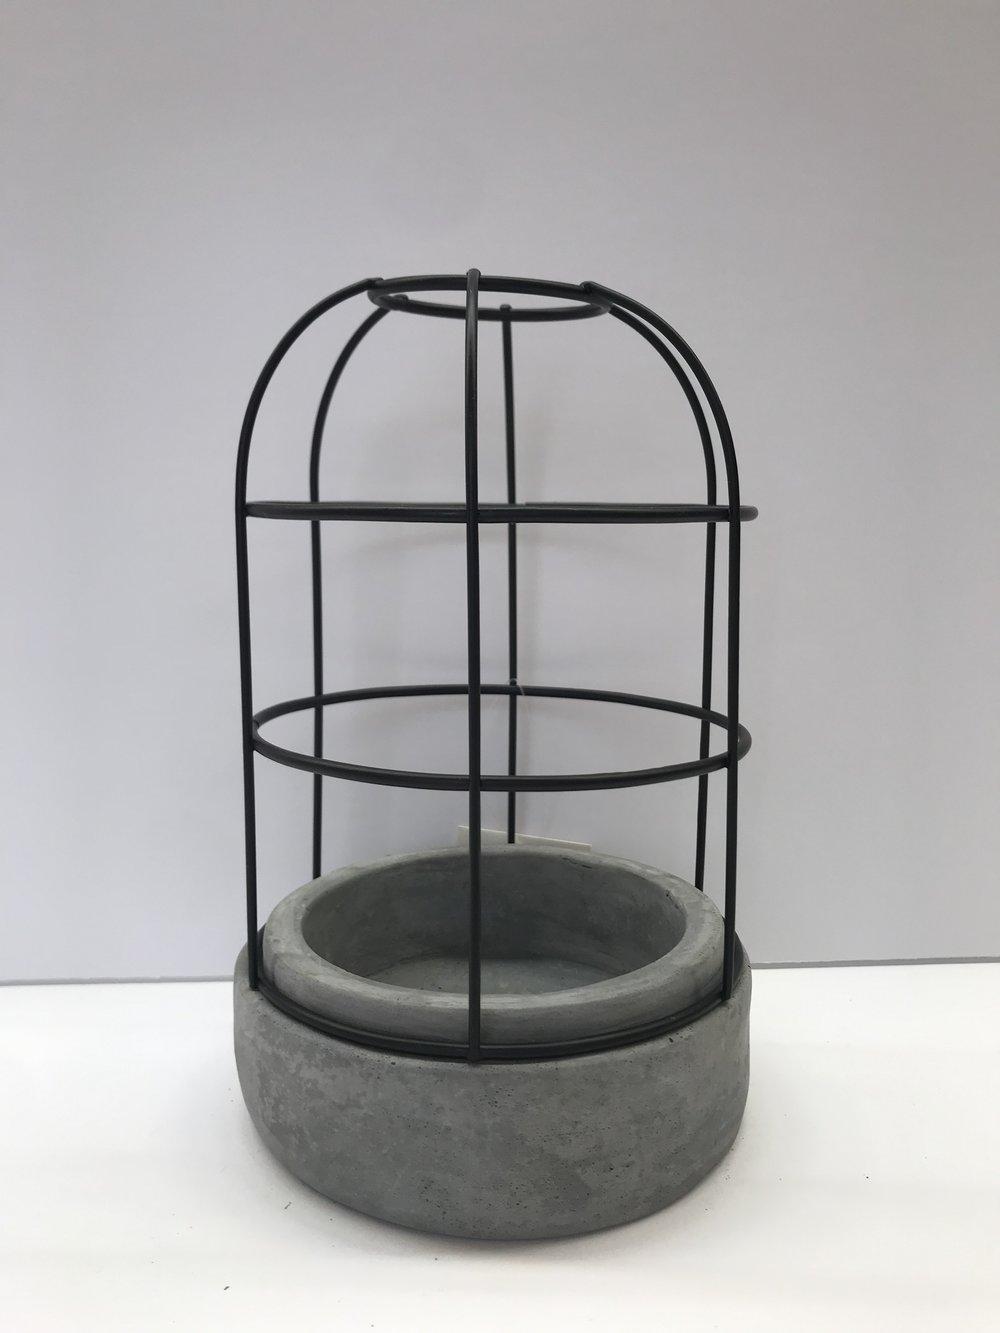 Metal + Cement Cloche - Colour:  Black + GrayDimensions:  5